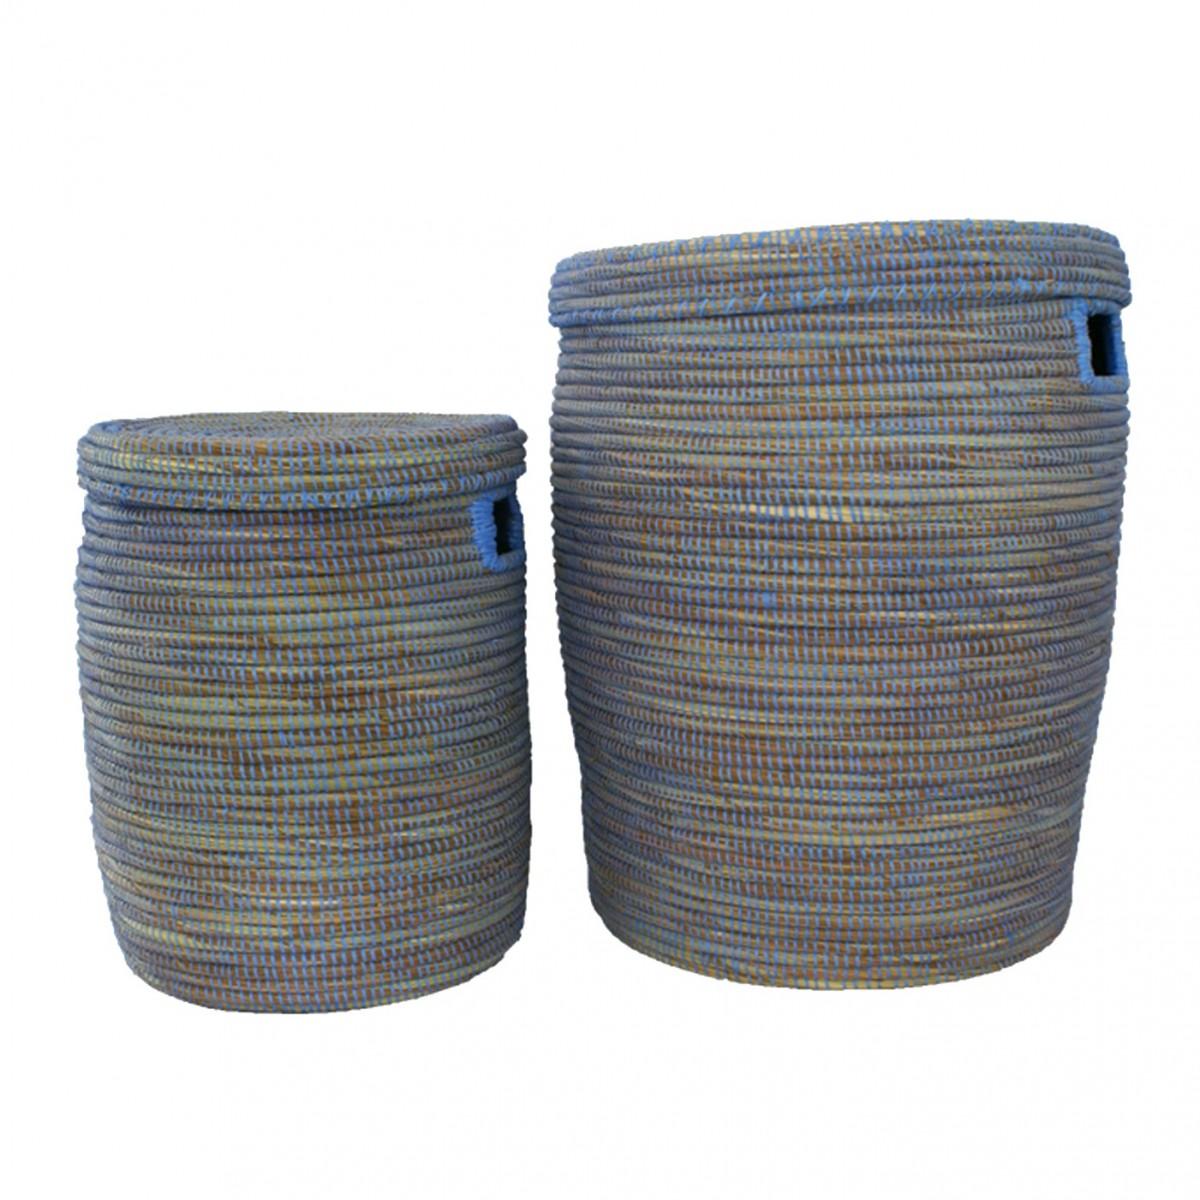 Panier de rangement avec couvercle en paille et plastique recycl ea deco - Panier de rangement rectangulaire ...